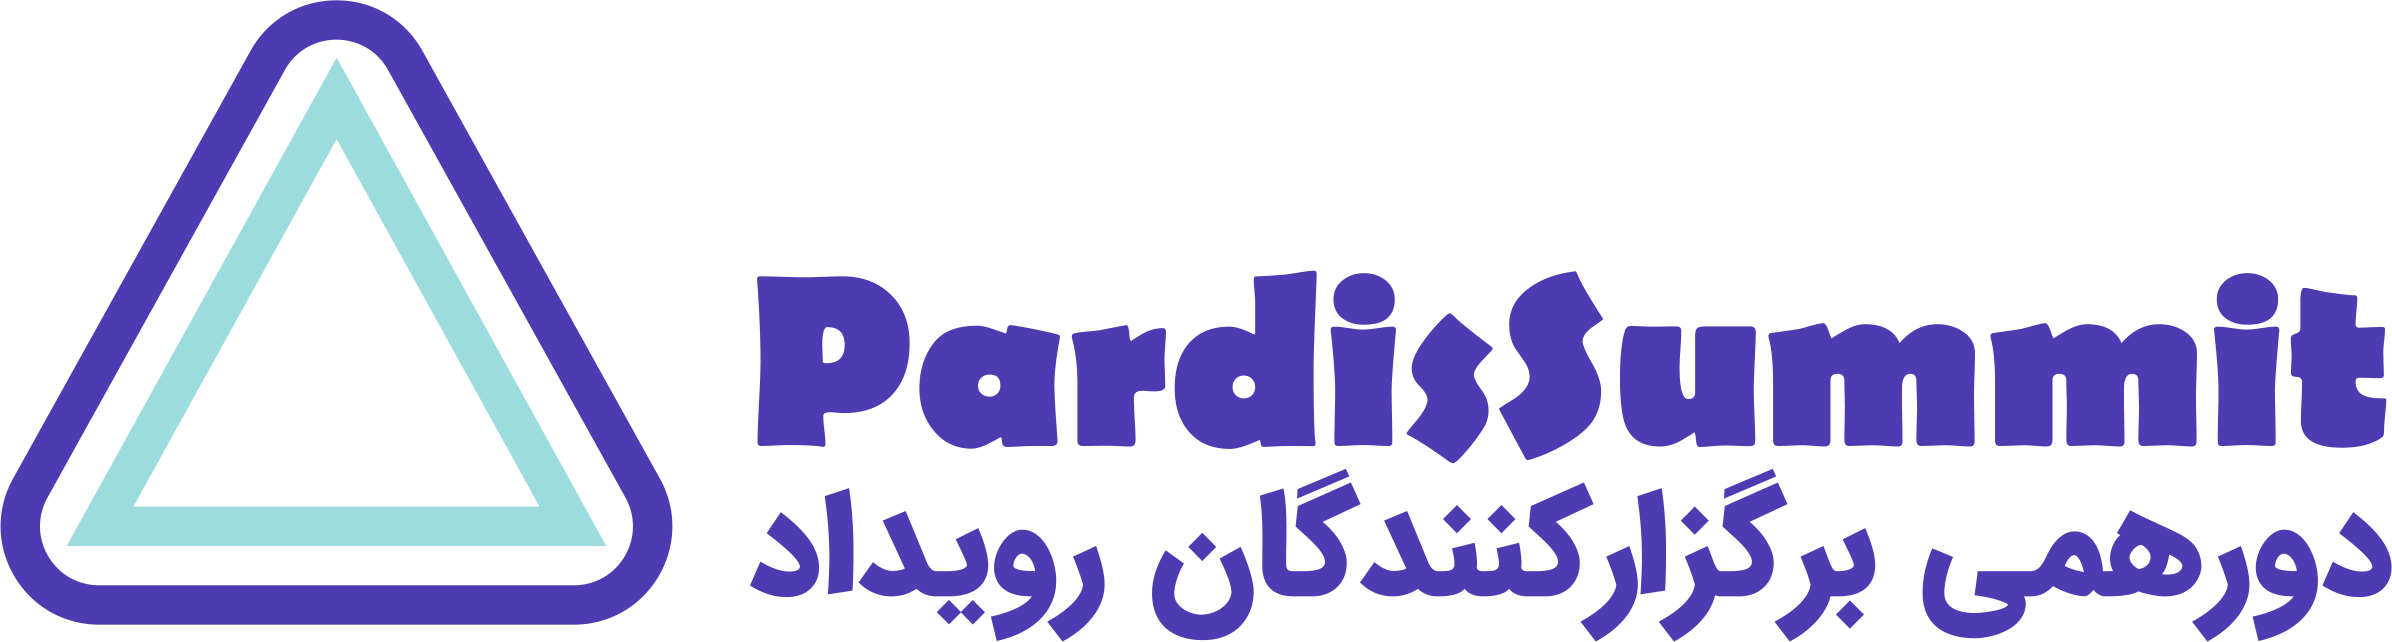 پردیس سامیت؛ دورهمی برگزارکنندگان رویدادهای کارآفرینی